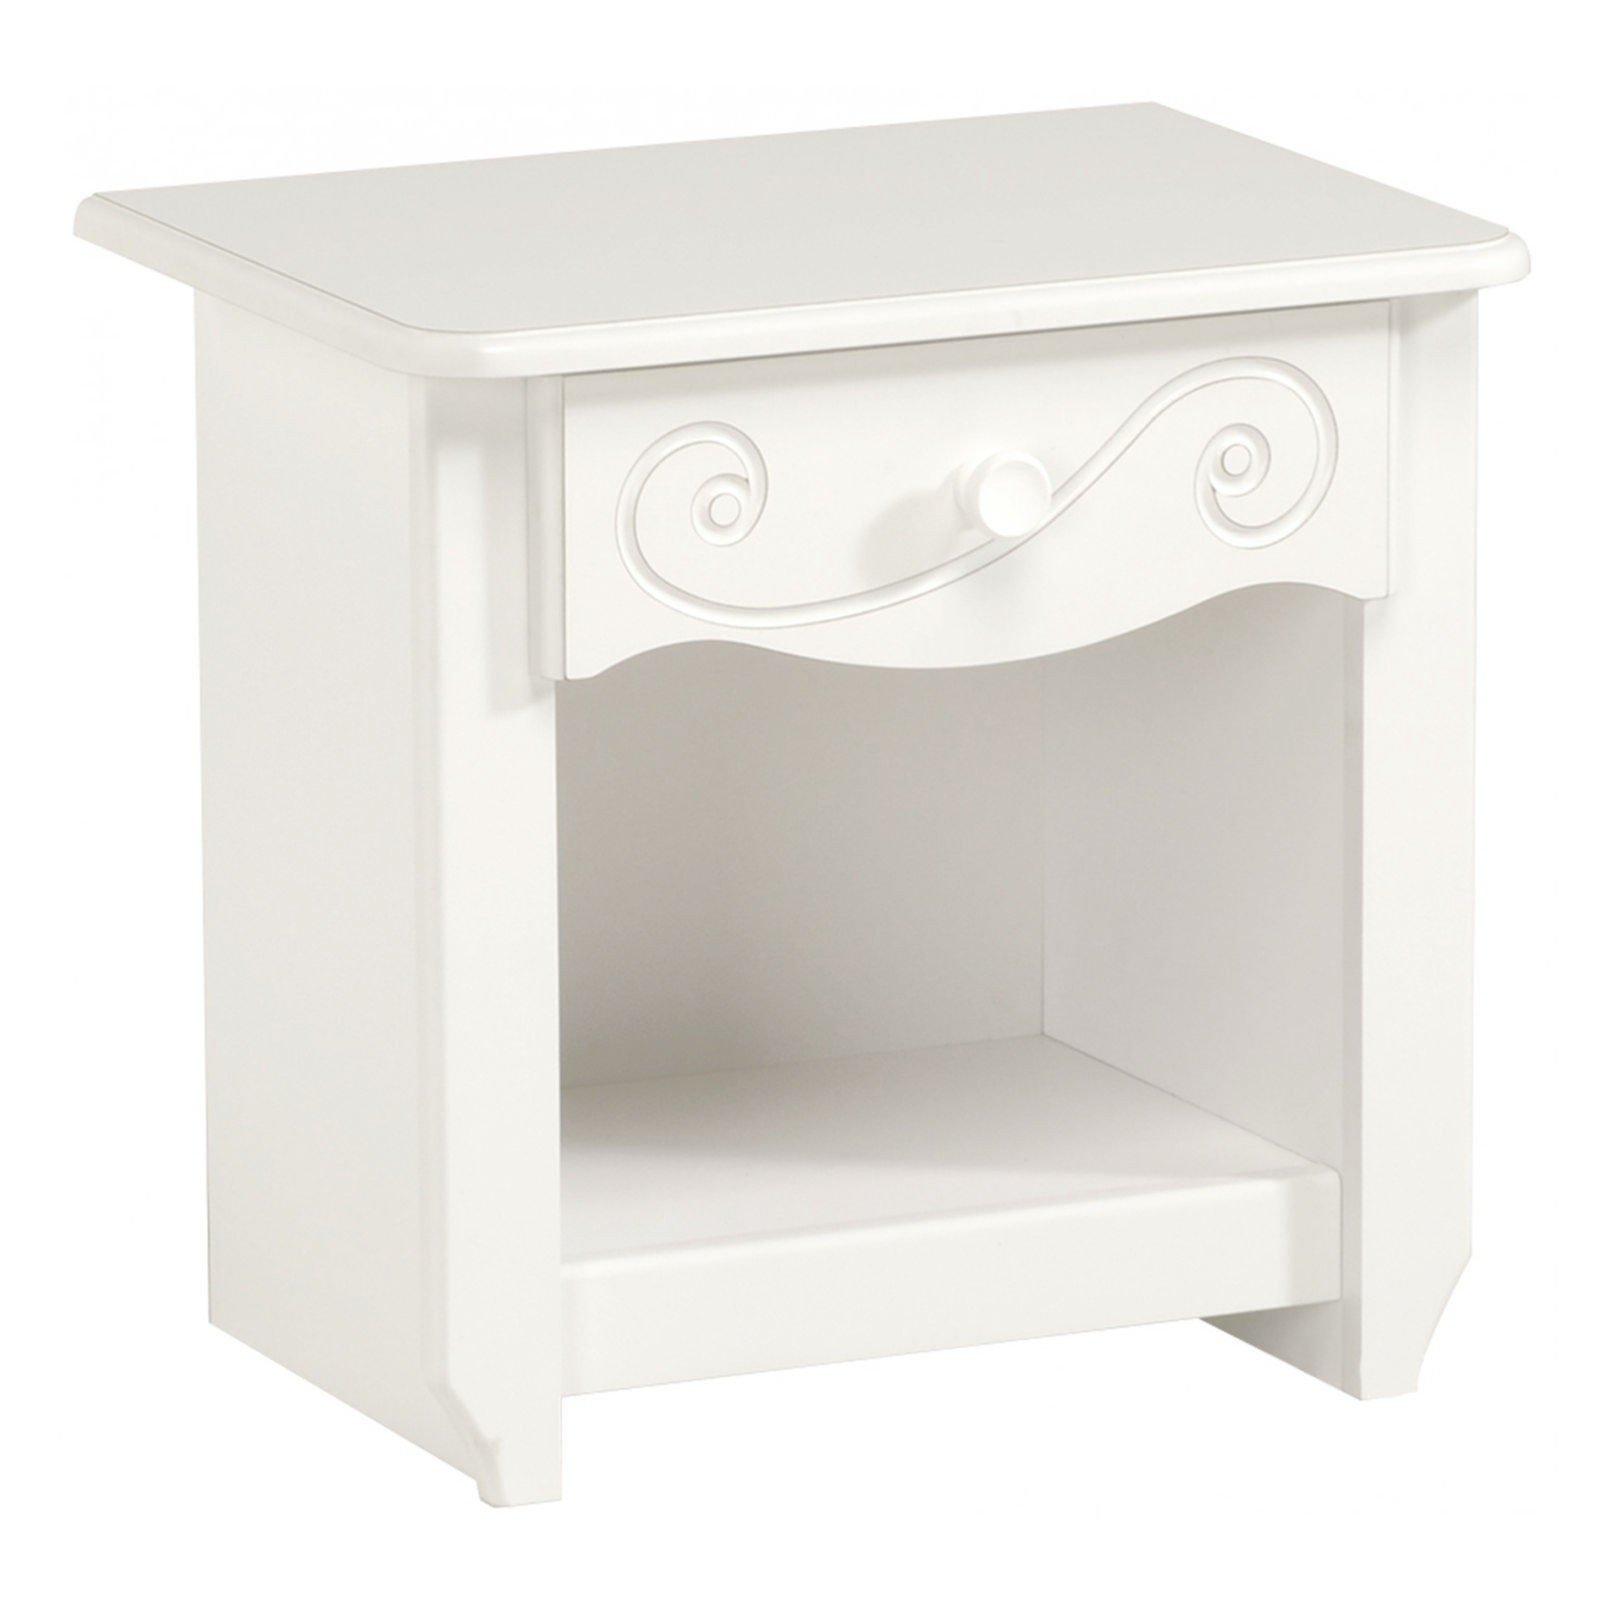 Full Size of Kinderzimmer Nachttisch Alice Mit 1 Ablagefach Schublade Regal Weiß Sofa Regale Kinderzimmer Nachttisch Kinderzimmer